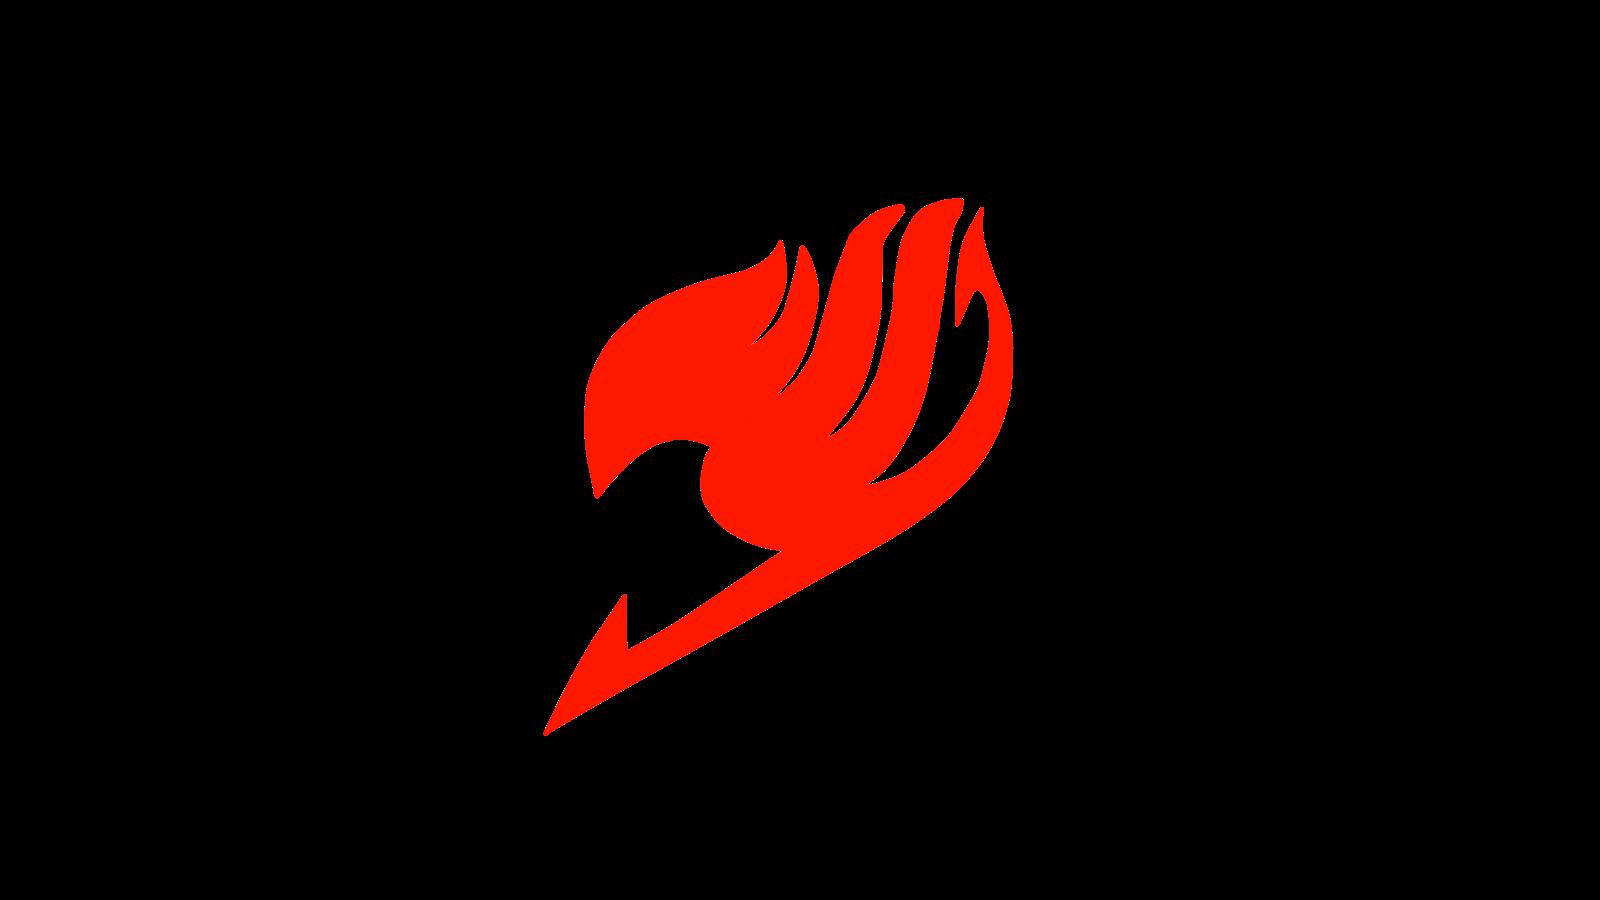 Fairy Tail Logo by artgamerforever 1600x900